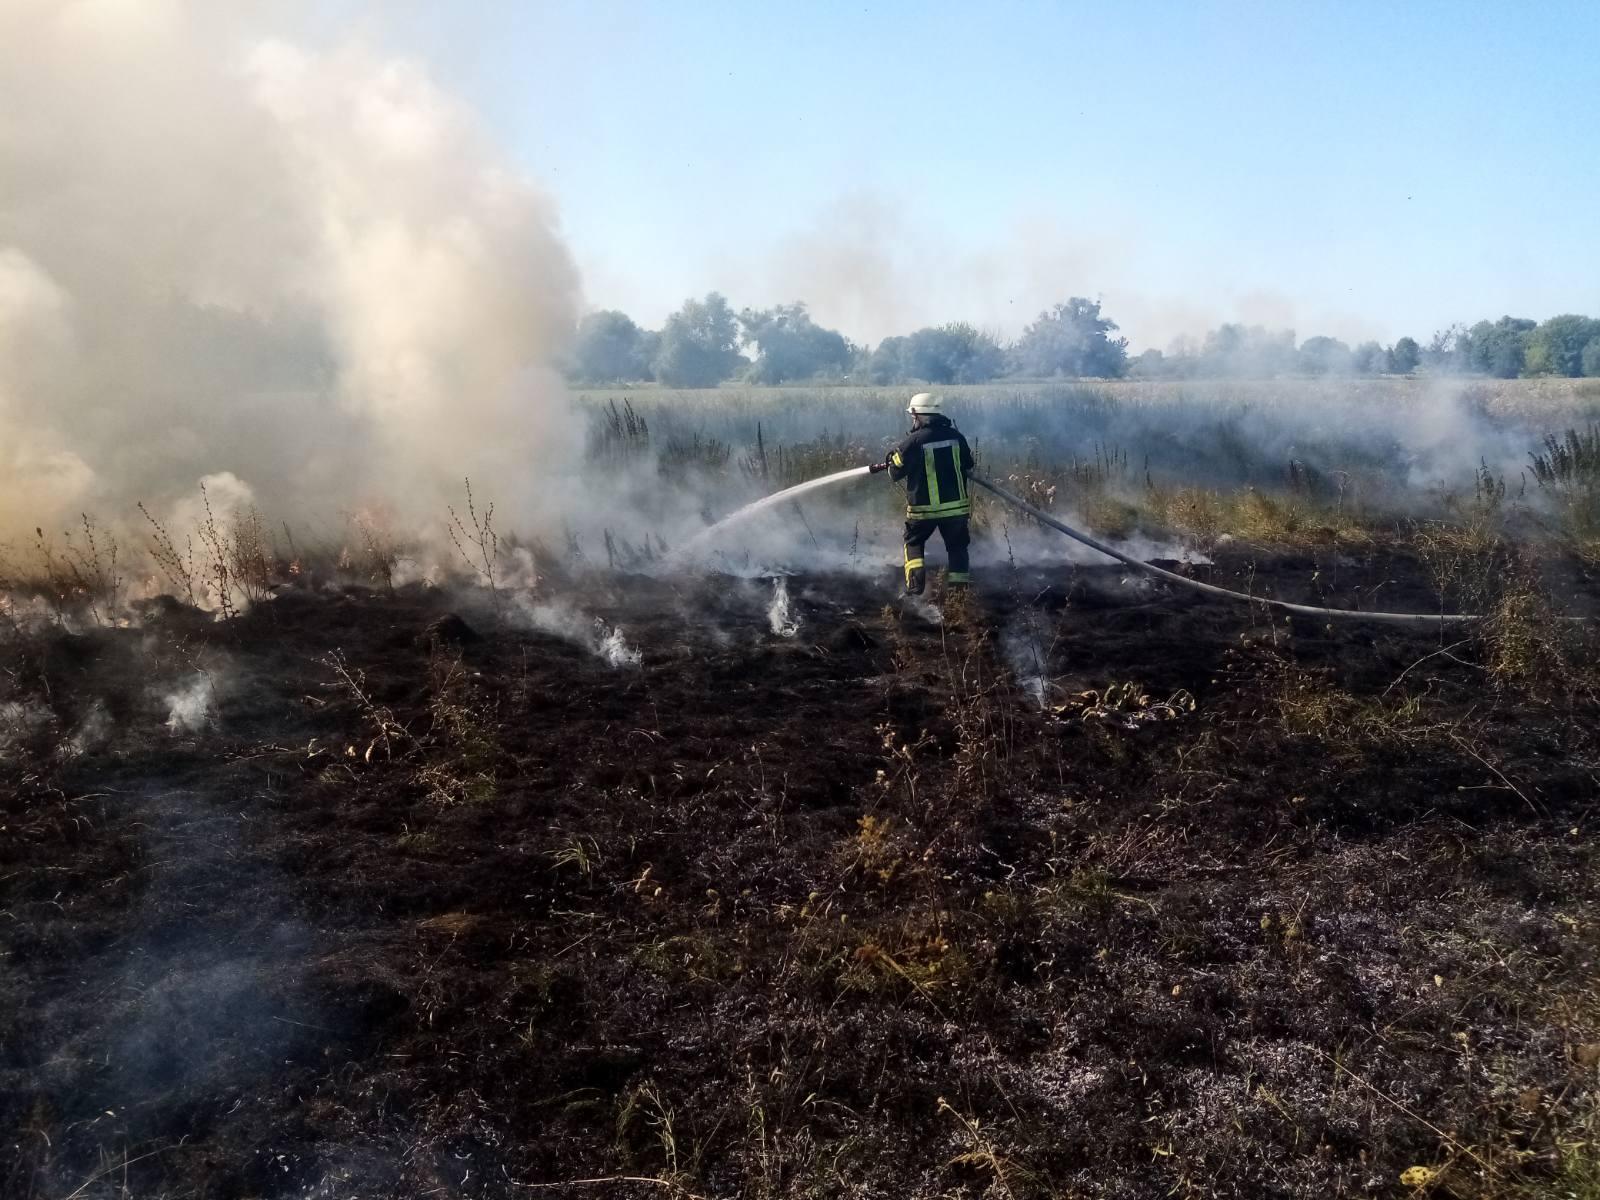 За вихідні на Київщині 35 разів горіла екосистема - пожежі в екосистемах, київщина, ГУ ДСНС у Київськійобласті - IMG 653cd452bff2dd48dc9cef98a08c4c5d V